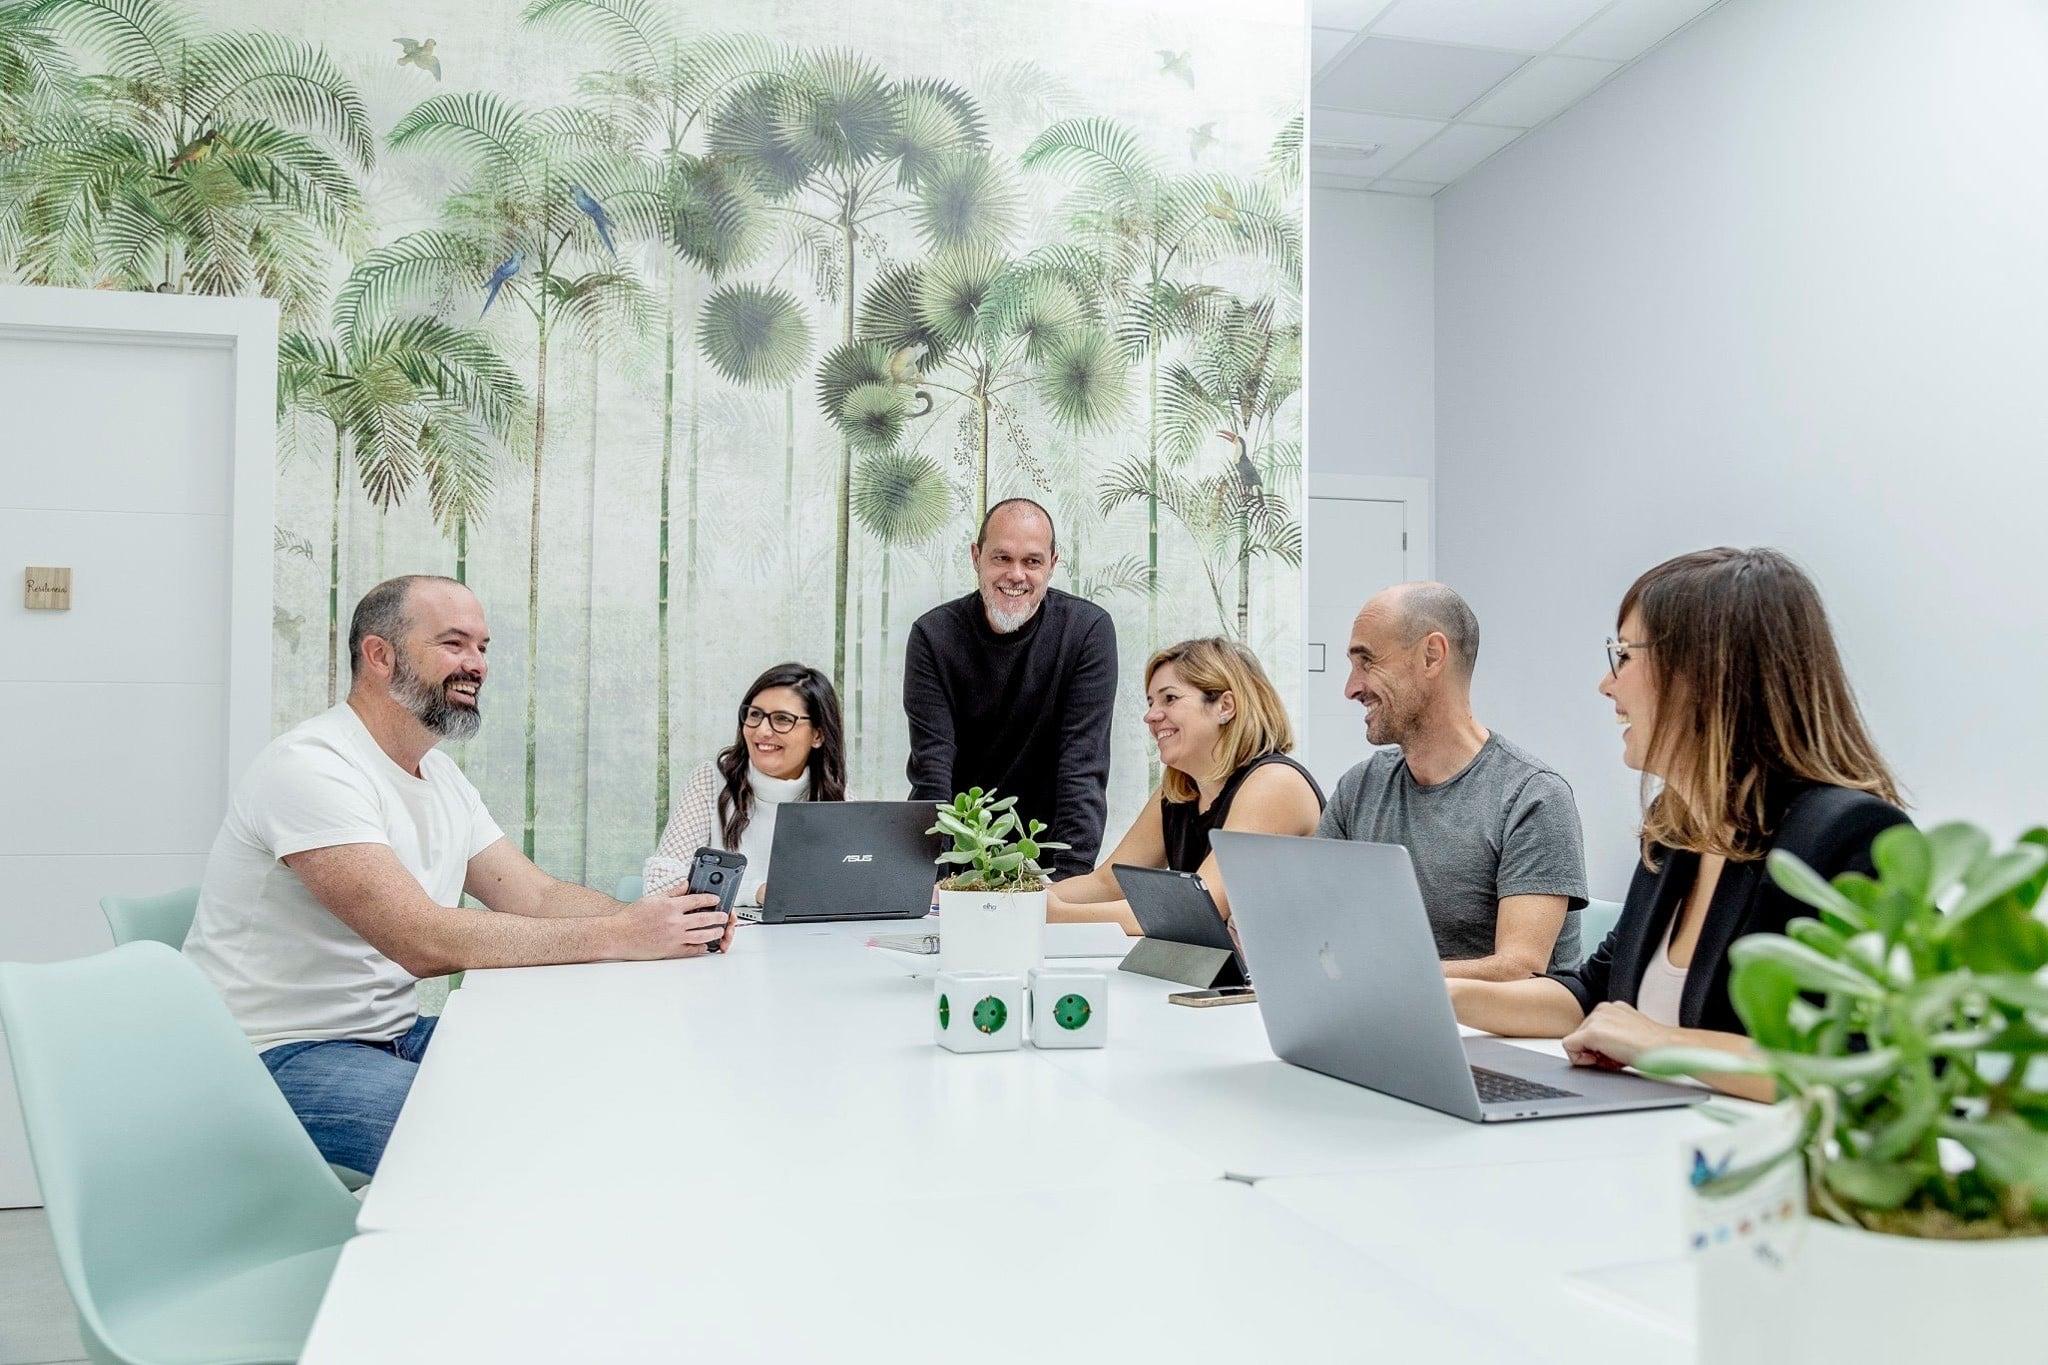 Potencia tu marca con eficacia y originalidad - Inma Lara Vázquez, experta en marketing digital y comunicación en Elche.